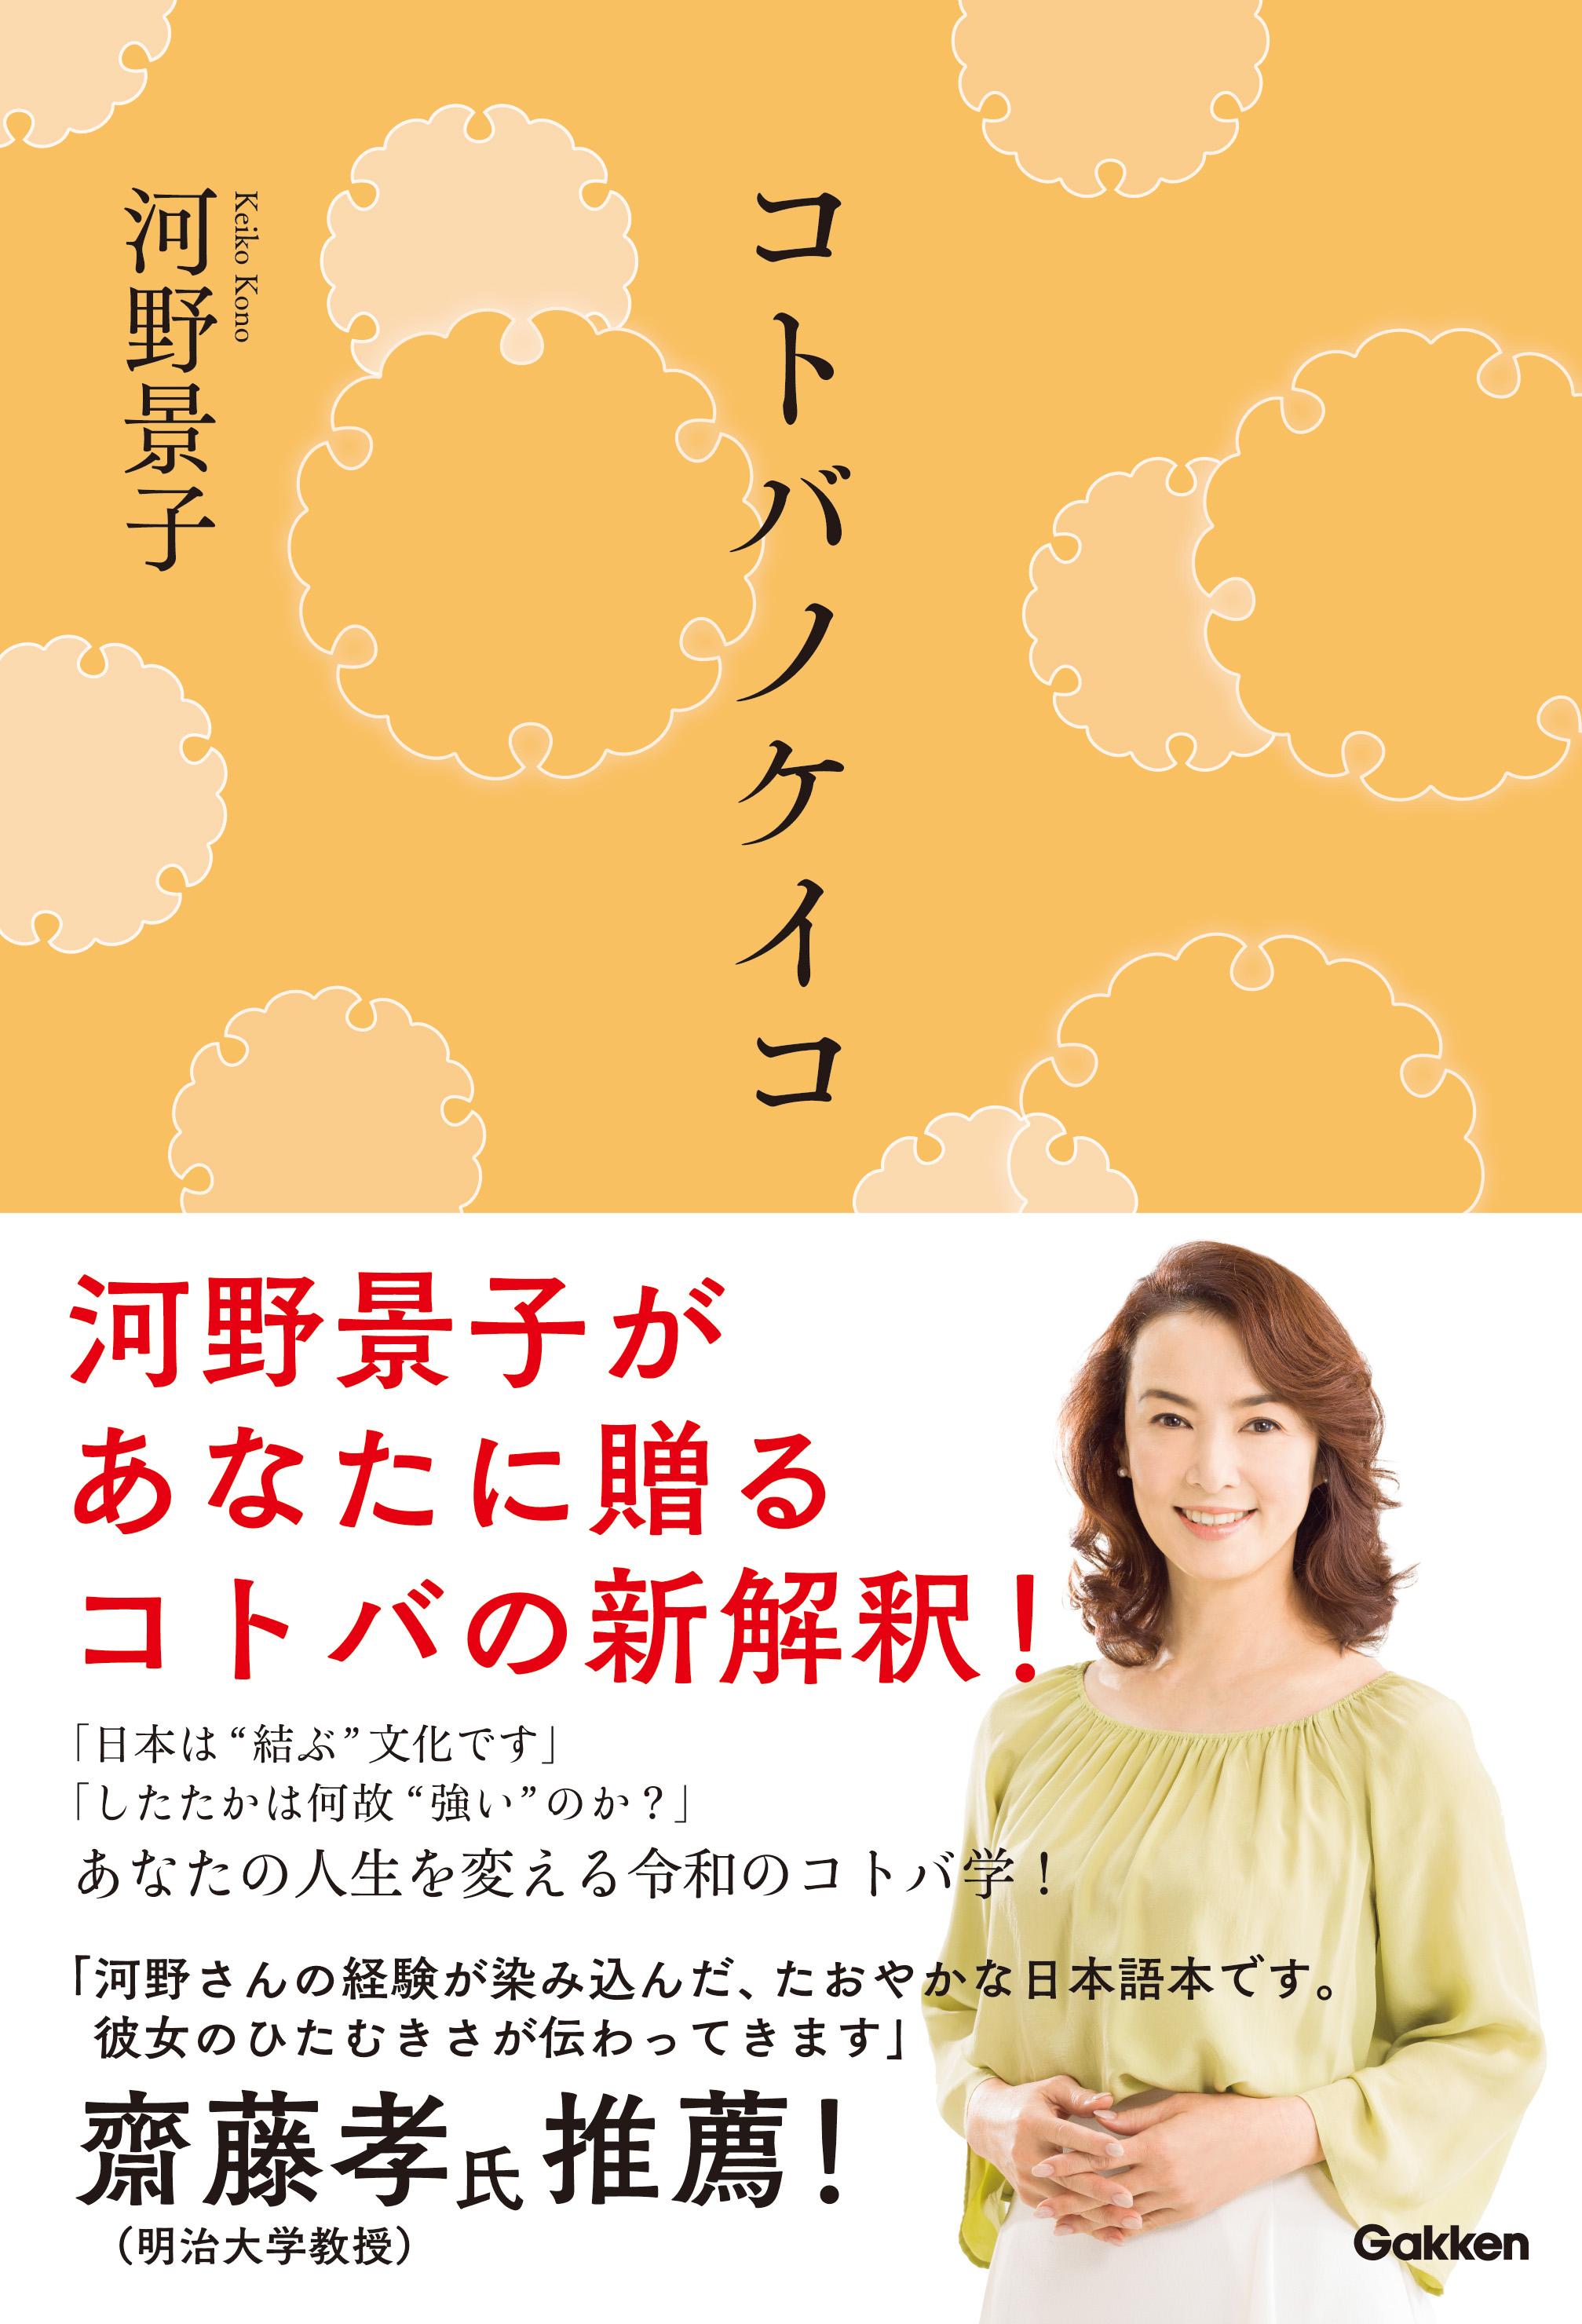 『コトバノケイコ』書影